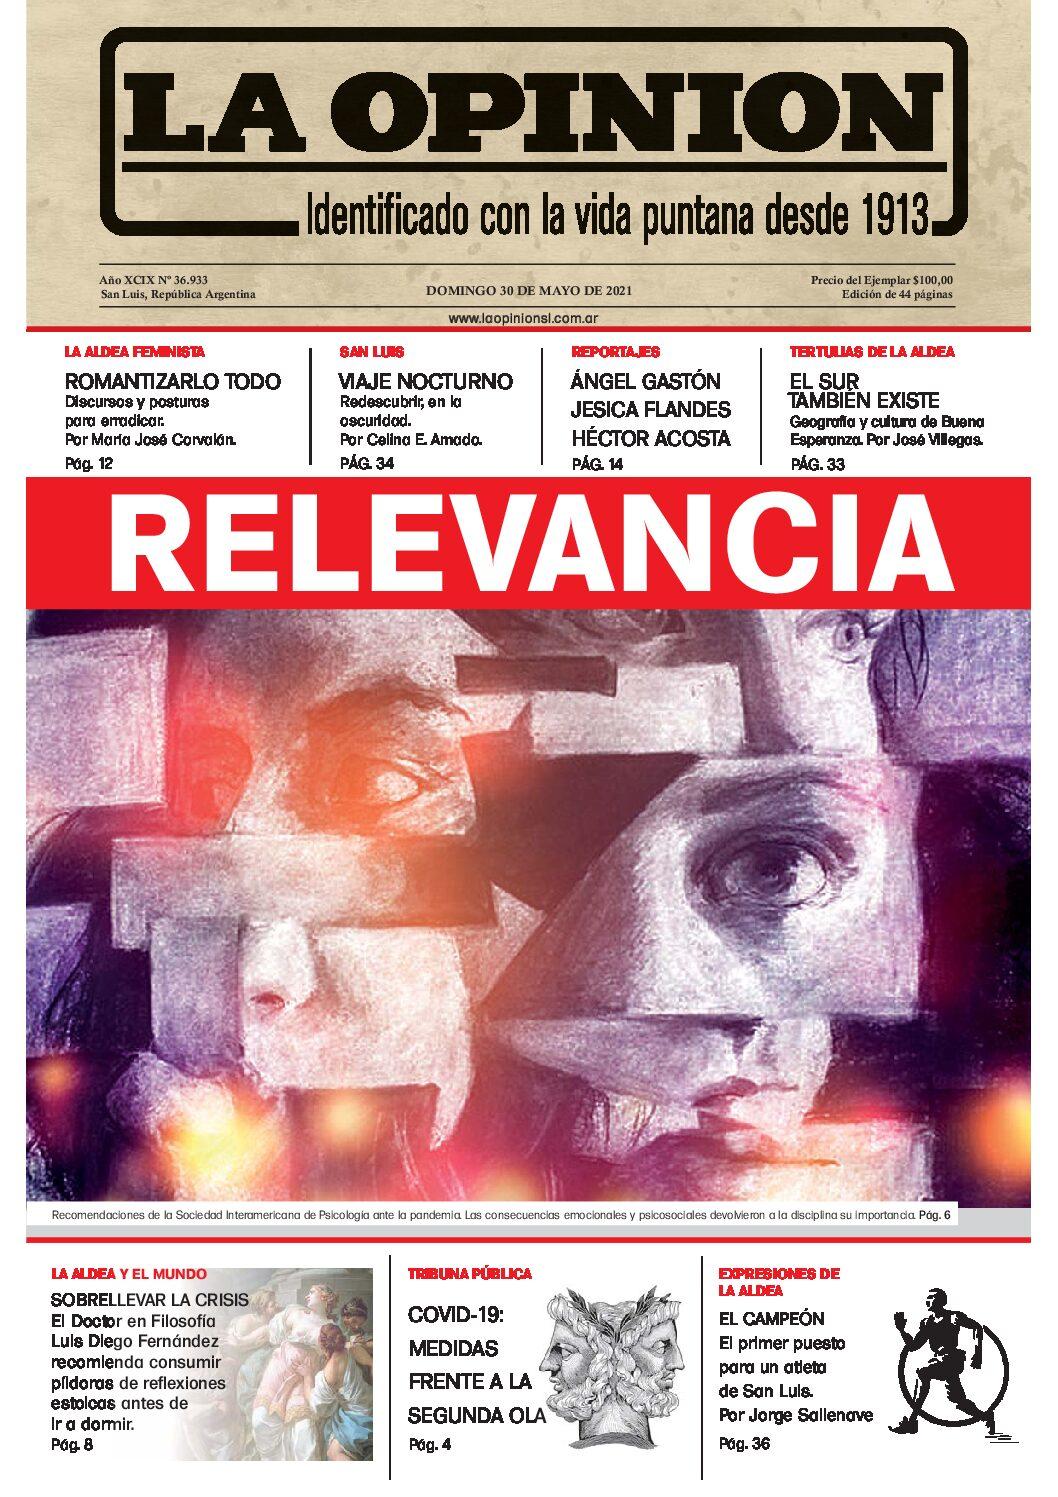 RELEVANCIA-30-05-2021